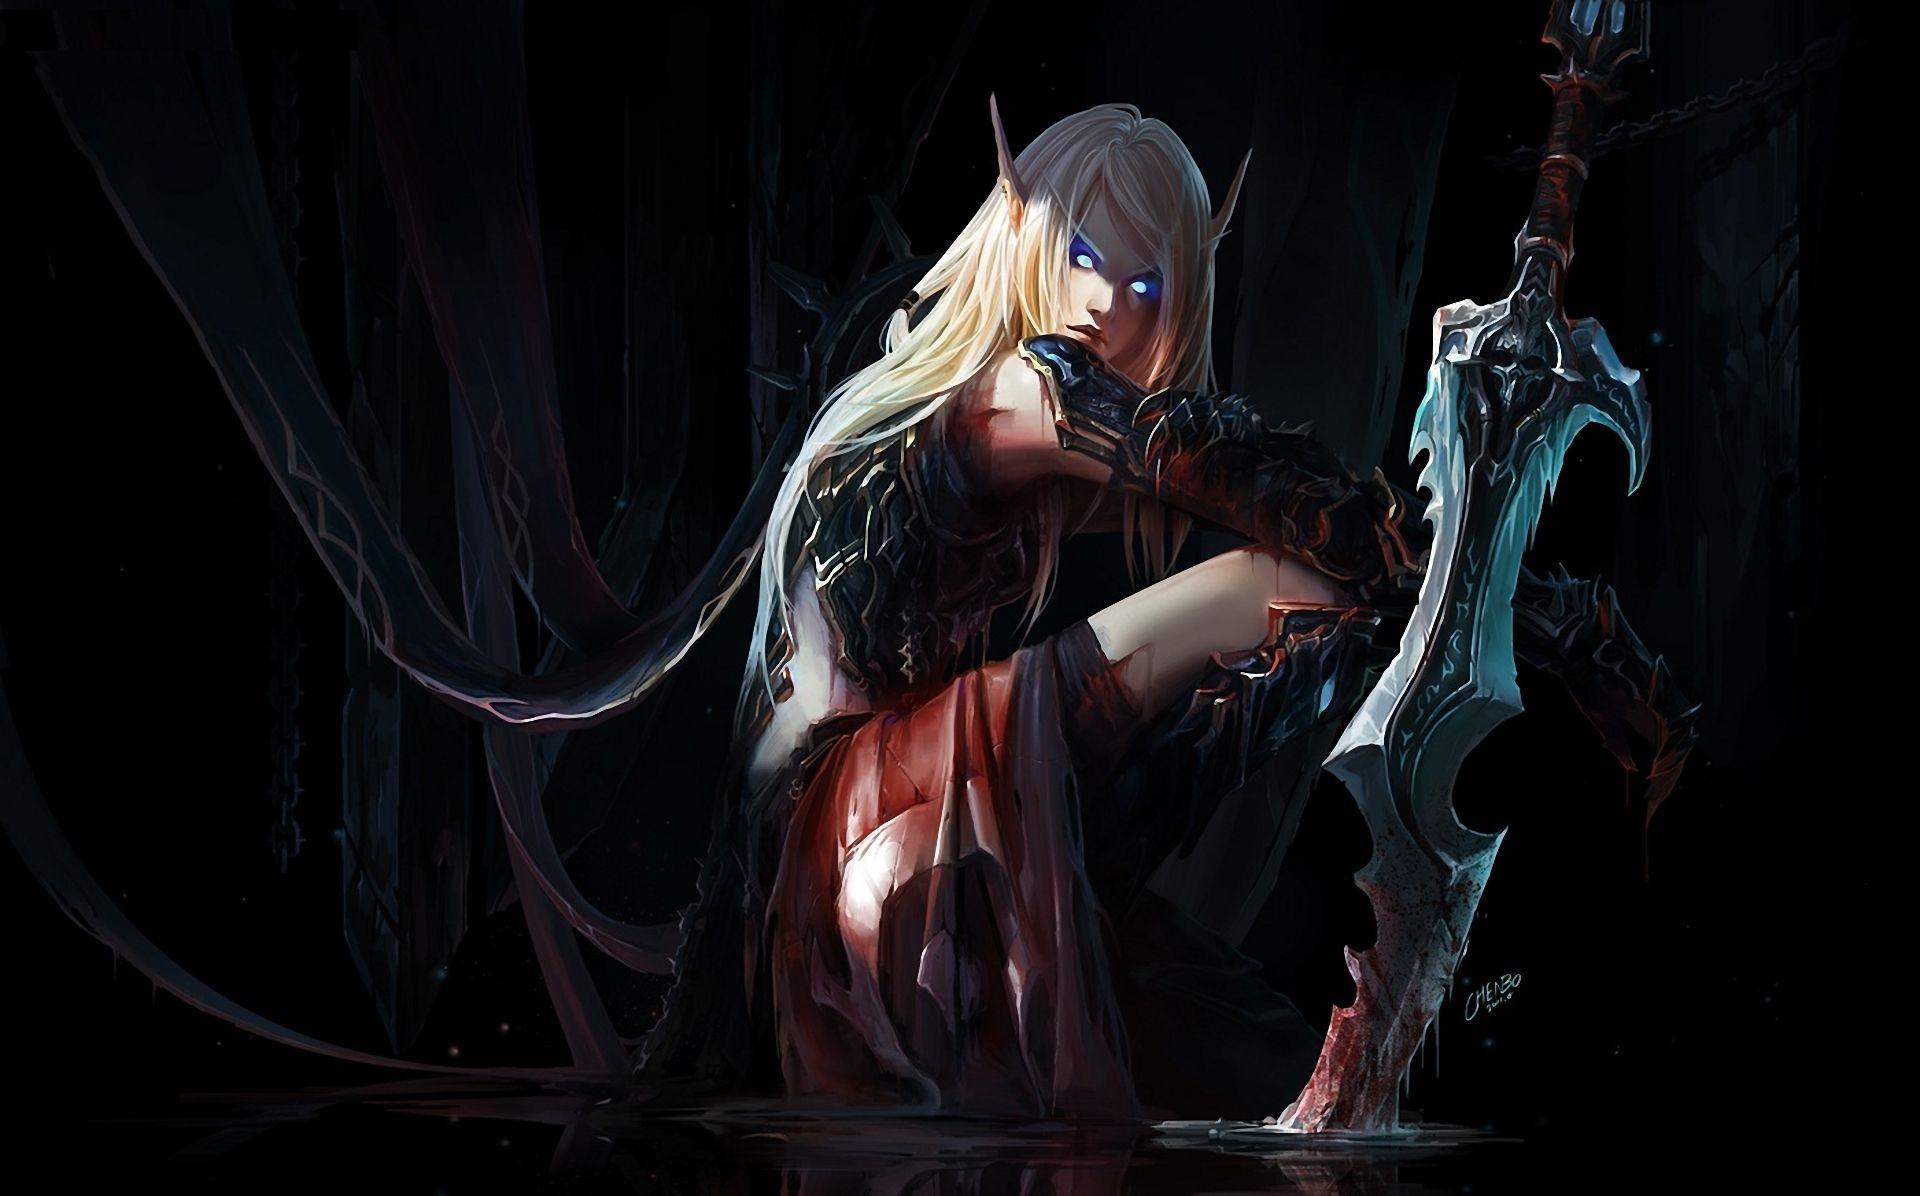 Elf warrior blood elf death knight world of warcraft wallpaper